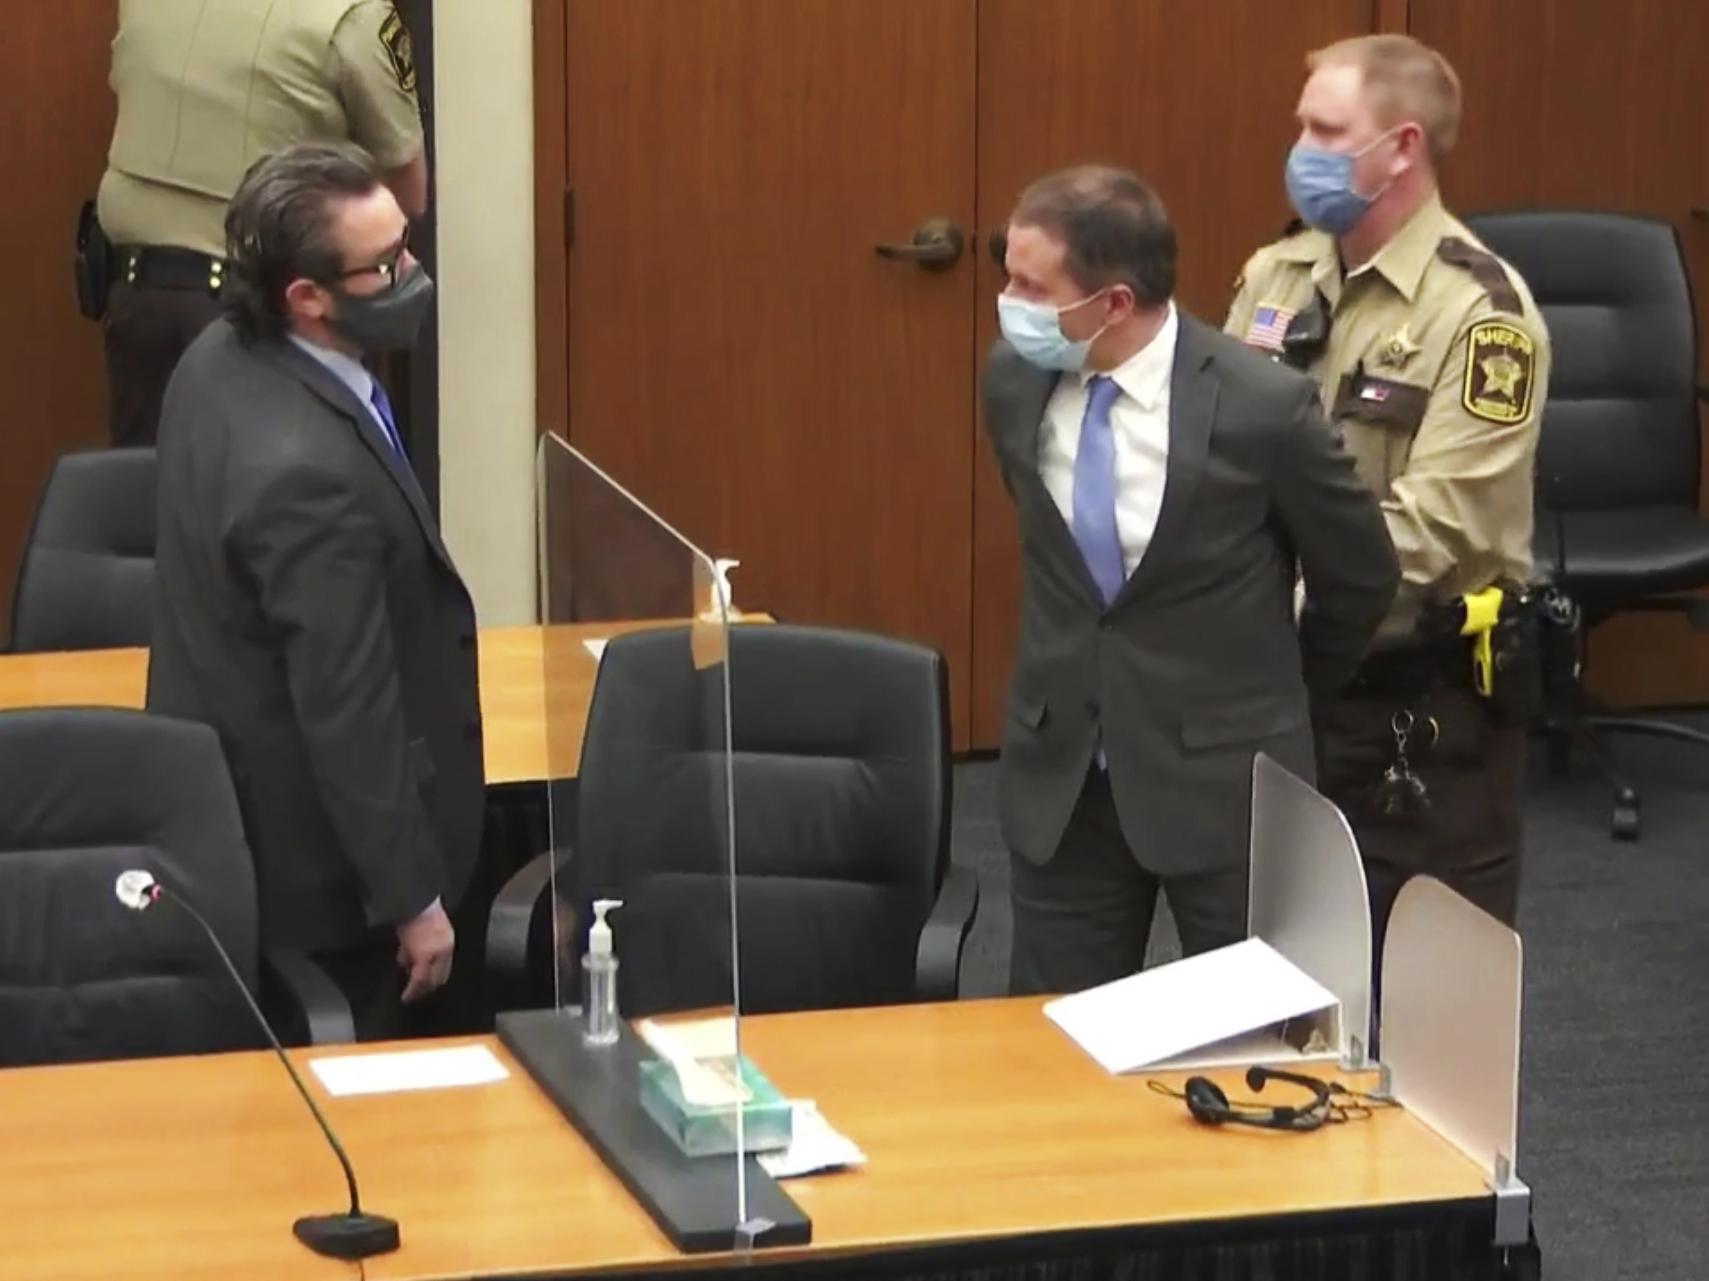 Dereck Chauvin Found Guity Of George Flyod's Murder